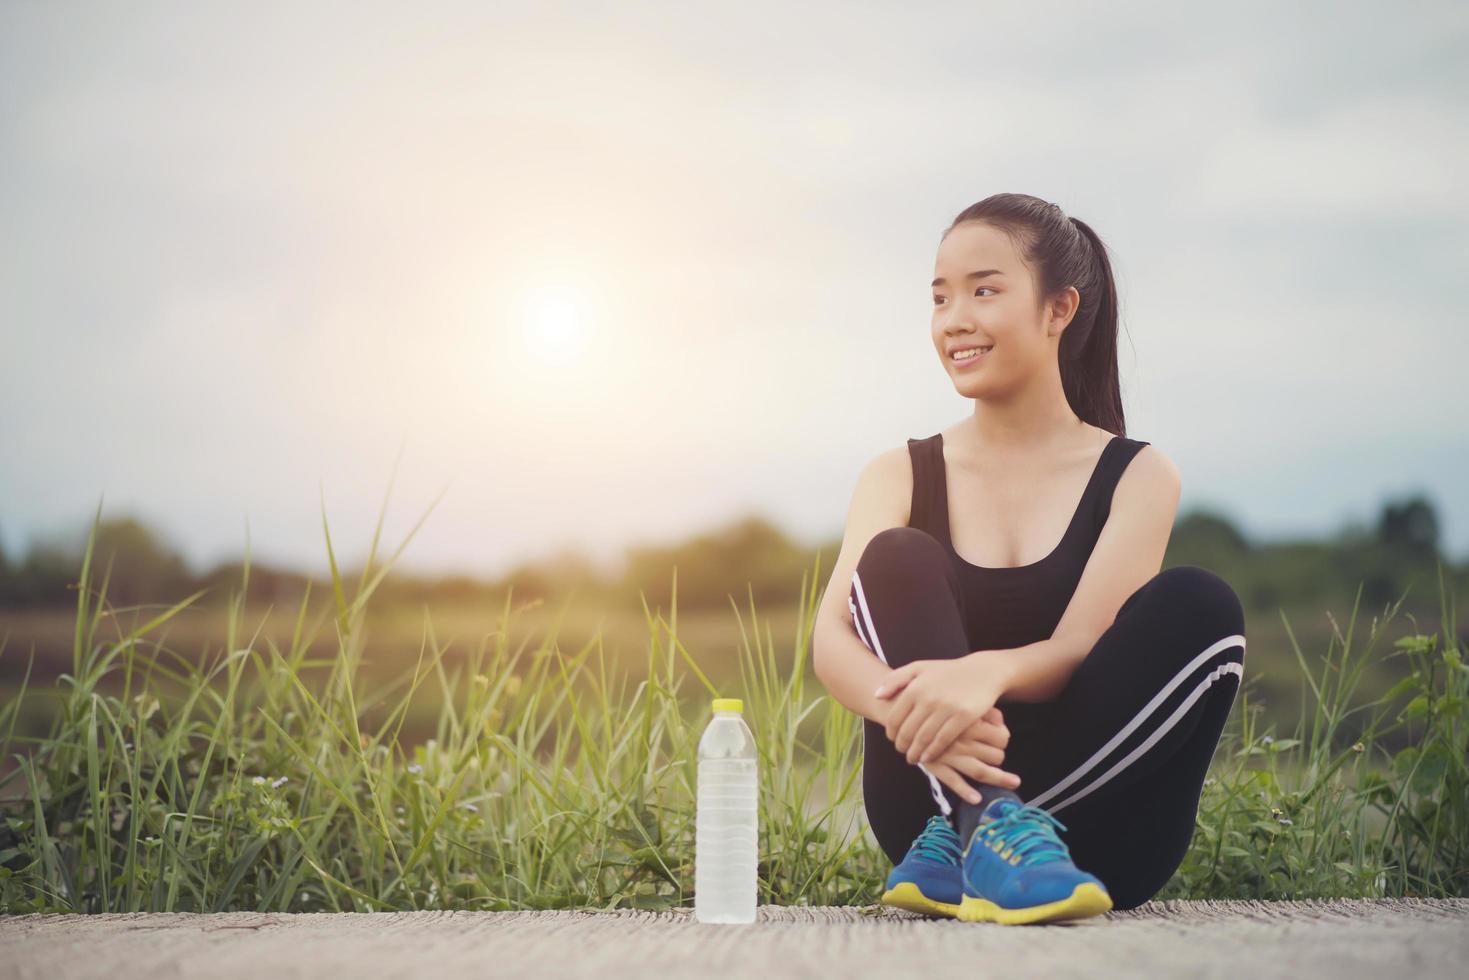 Teen Fitness-Läufer entspannen mit Wasser nach dem Training foto